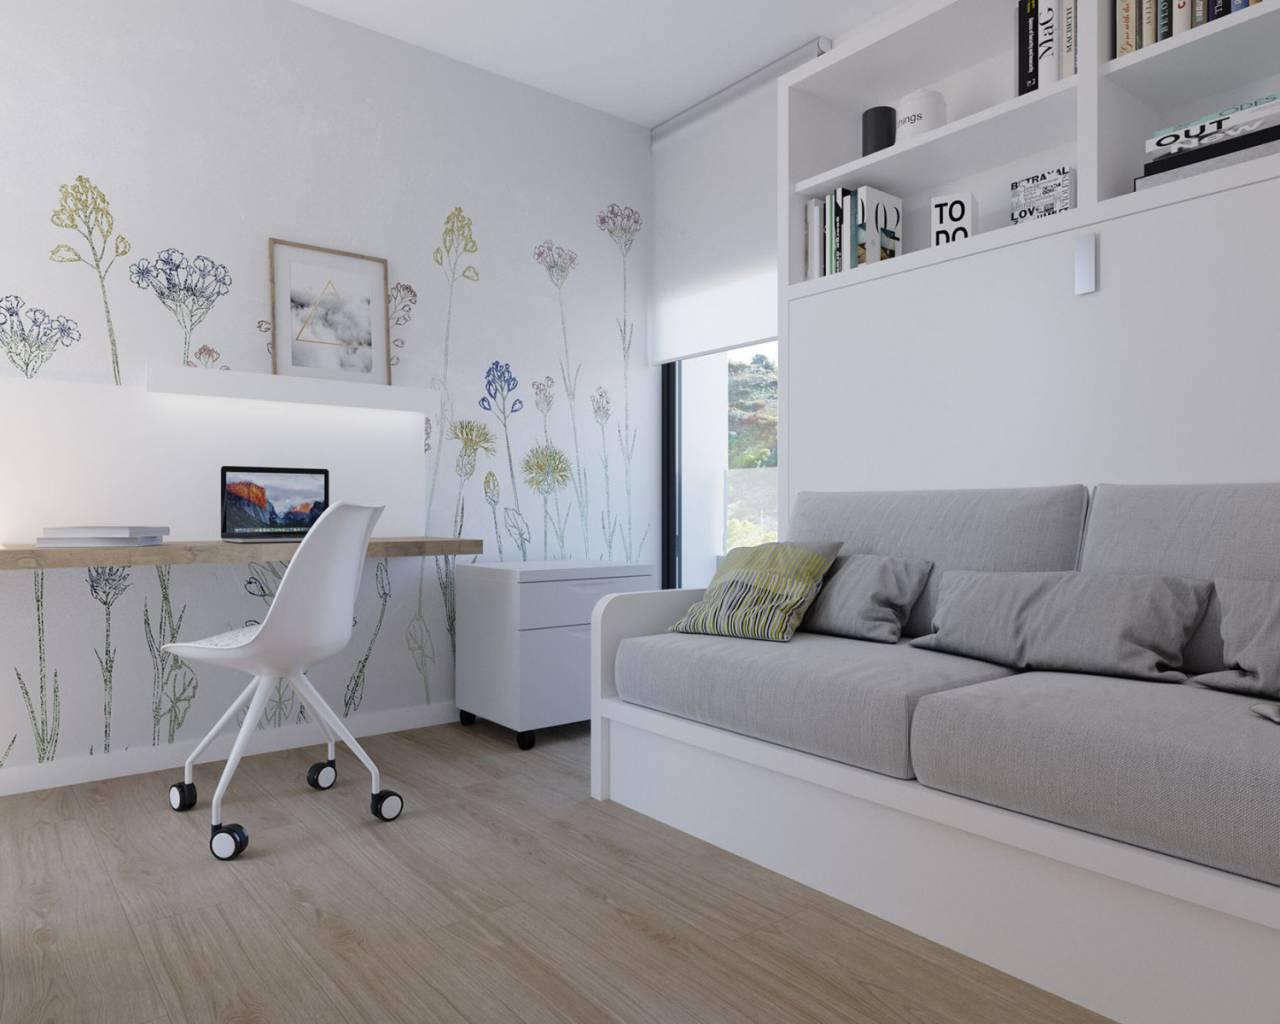 nieuwbouw-appartement-montforte-del-cid-font-del-llop_3133_xl